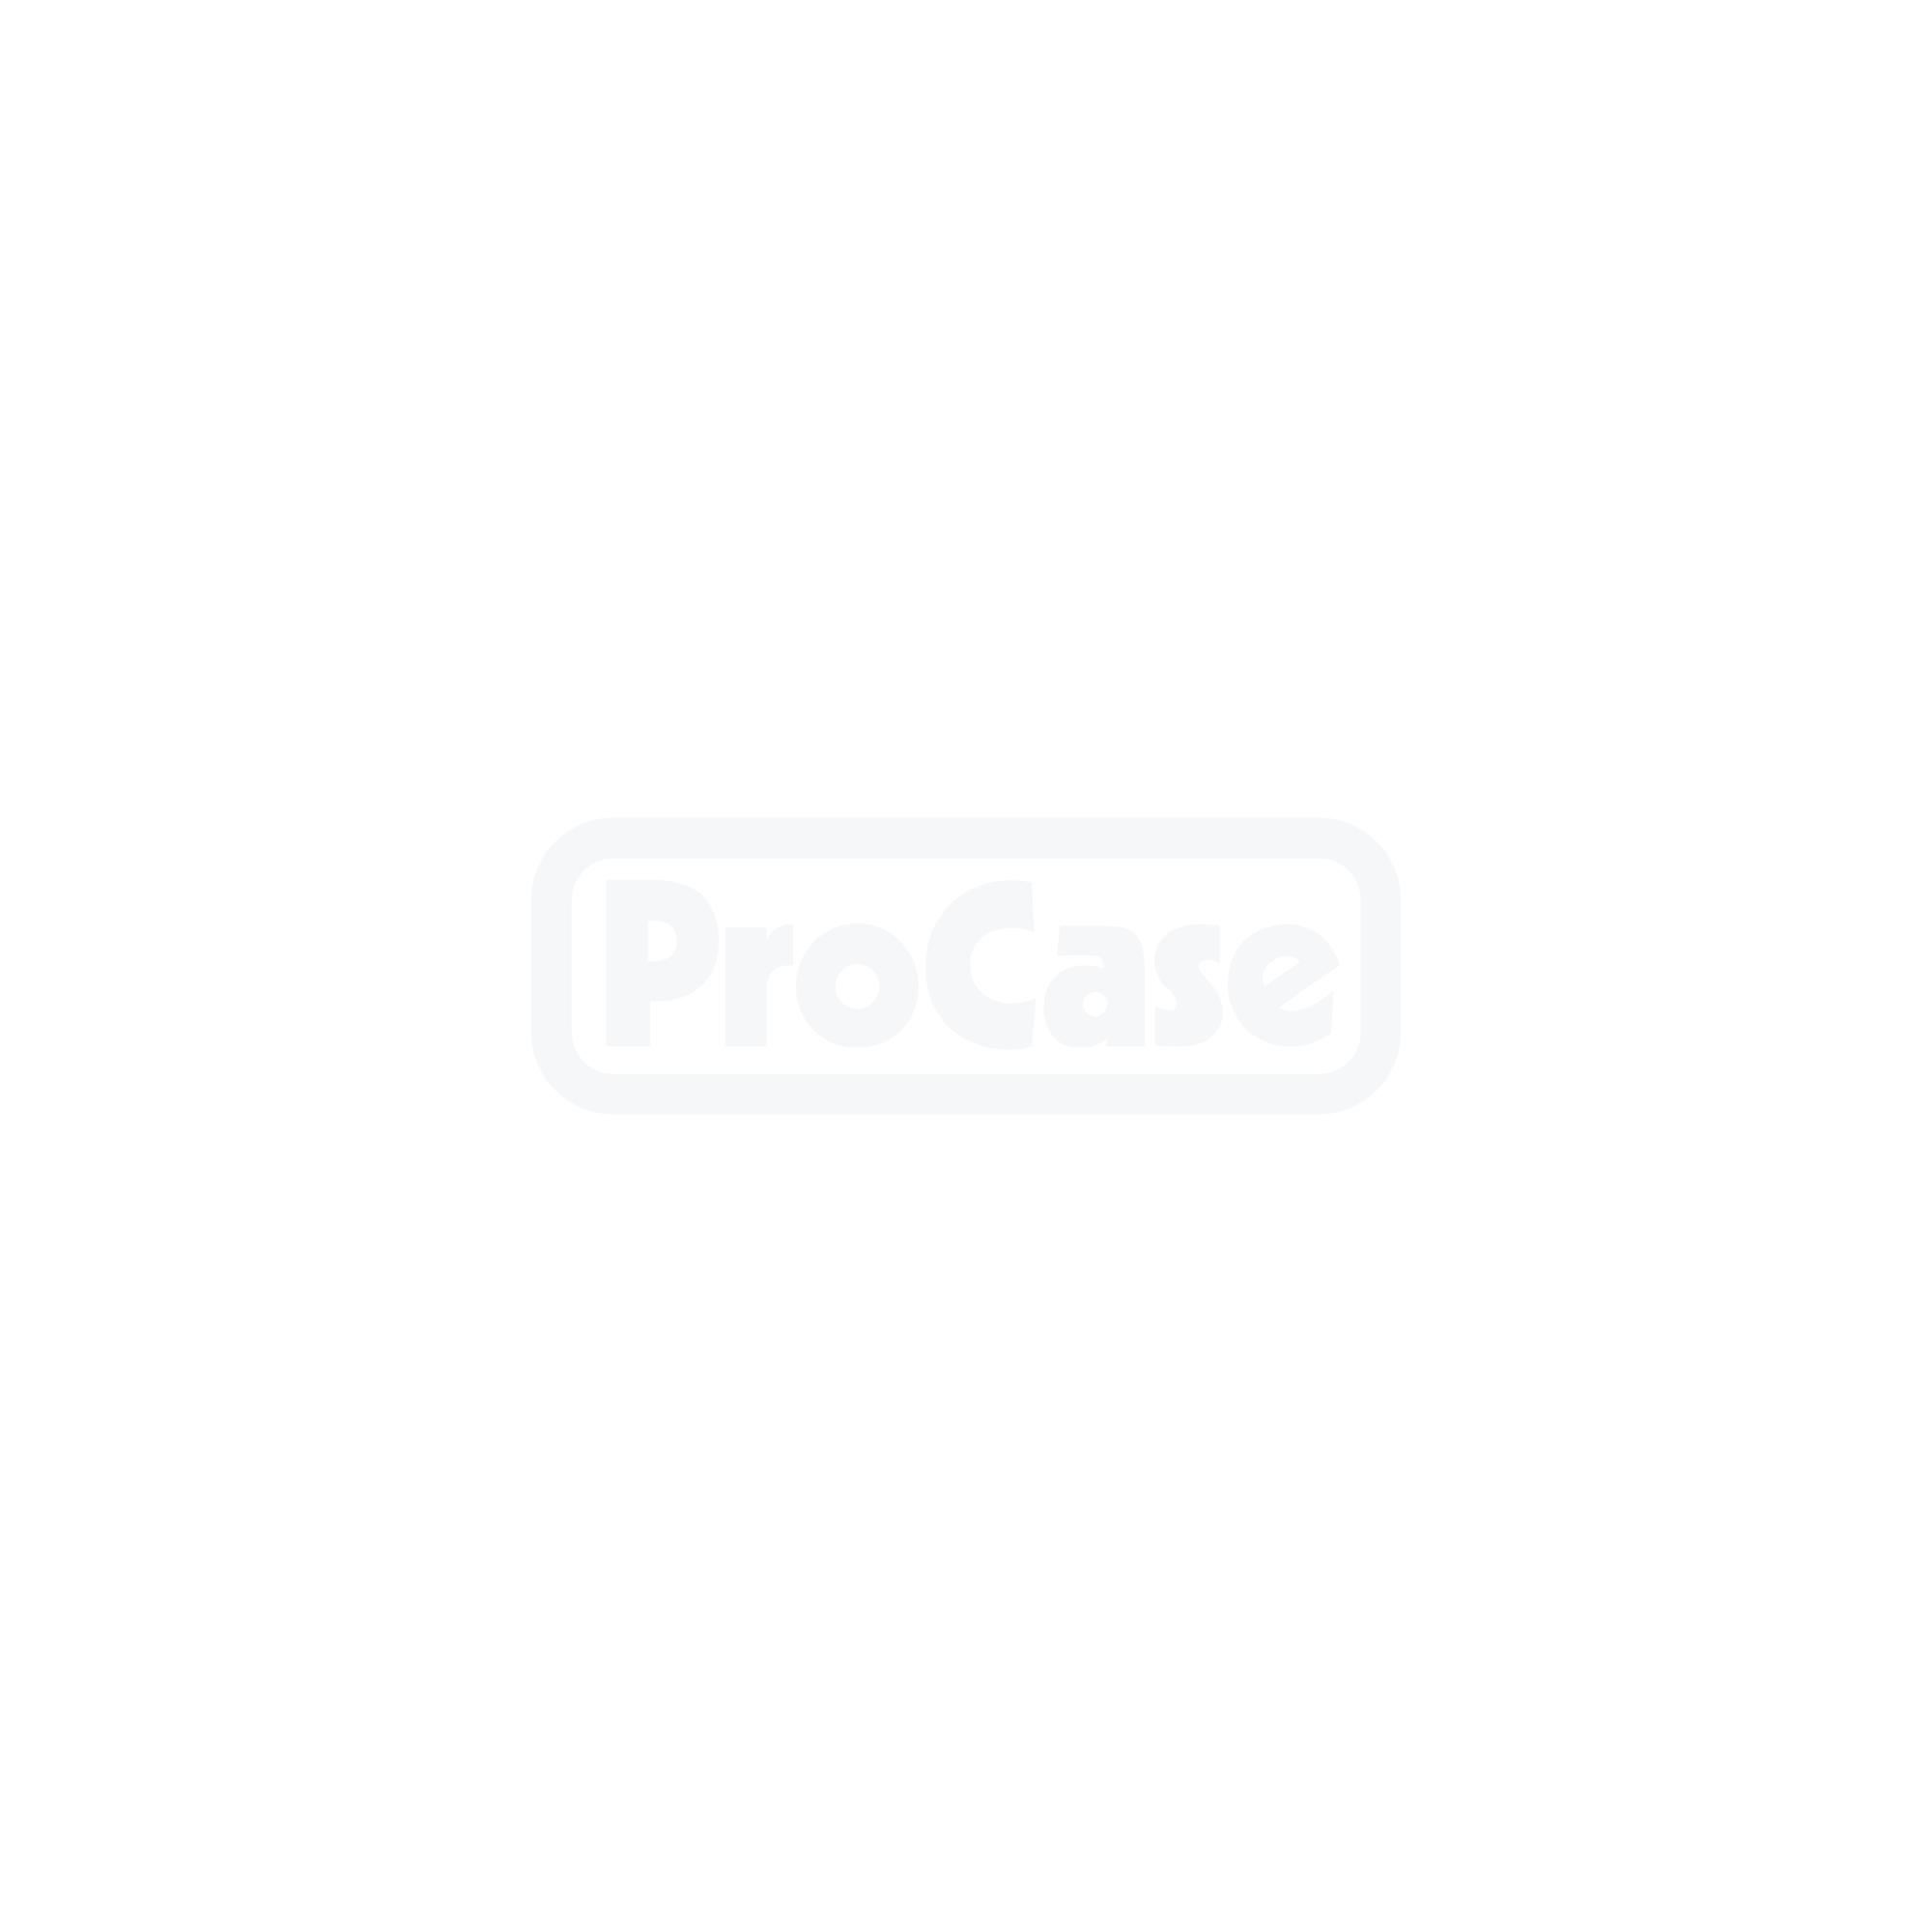 Schaumeinlage für Shure MXCWAPT Access Point und MXCWNCS Ladestation 2